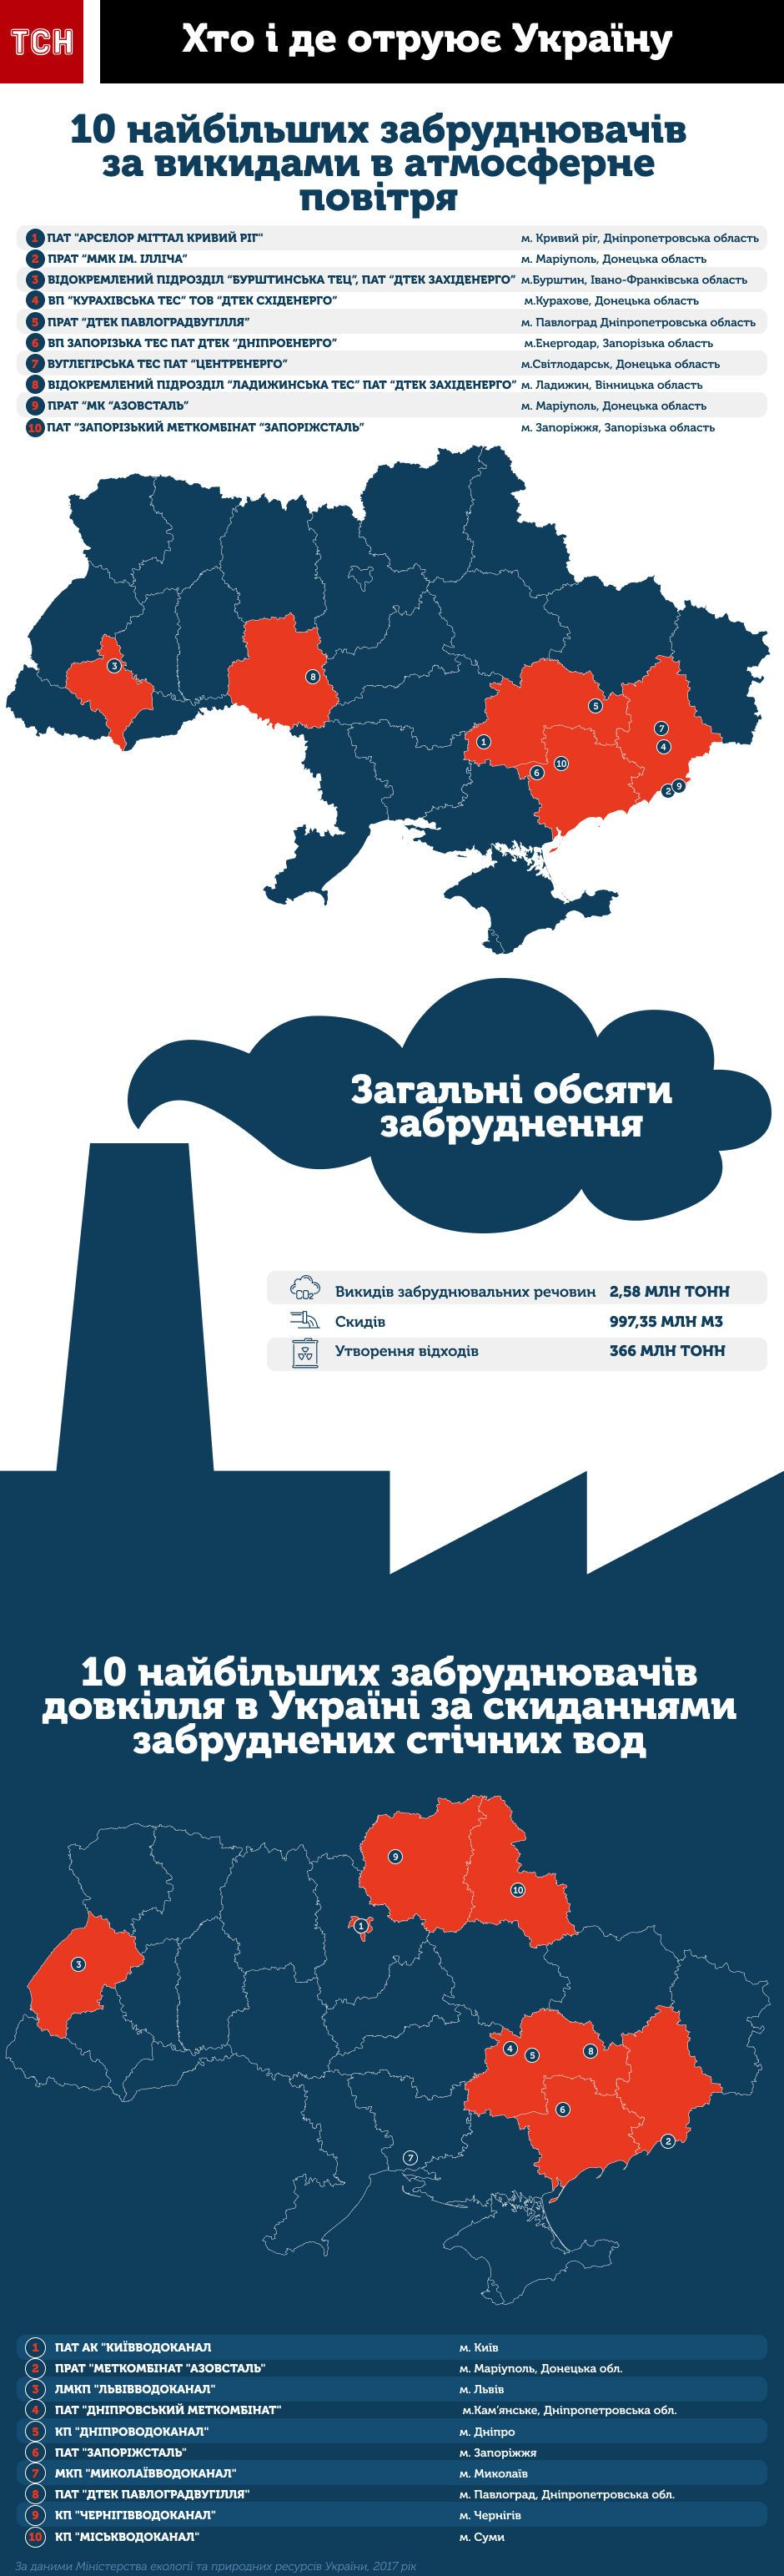 забруднення повітря та води в Україні, екологія, інфографіка